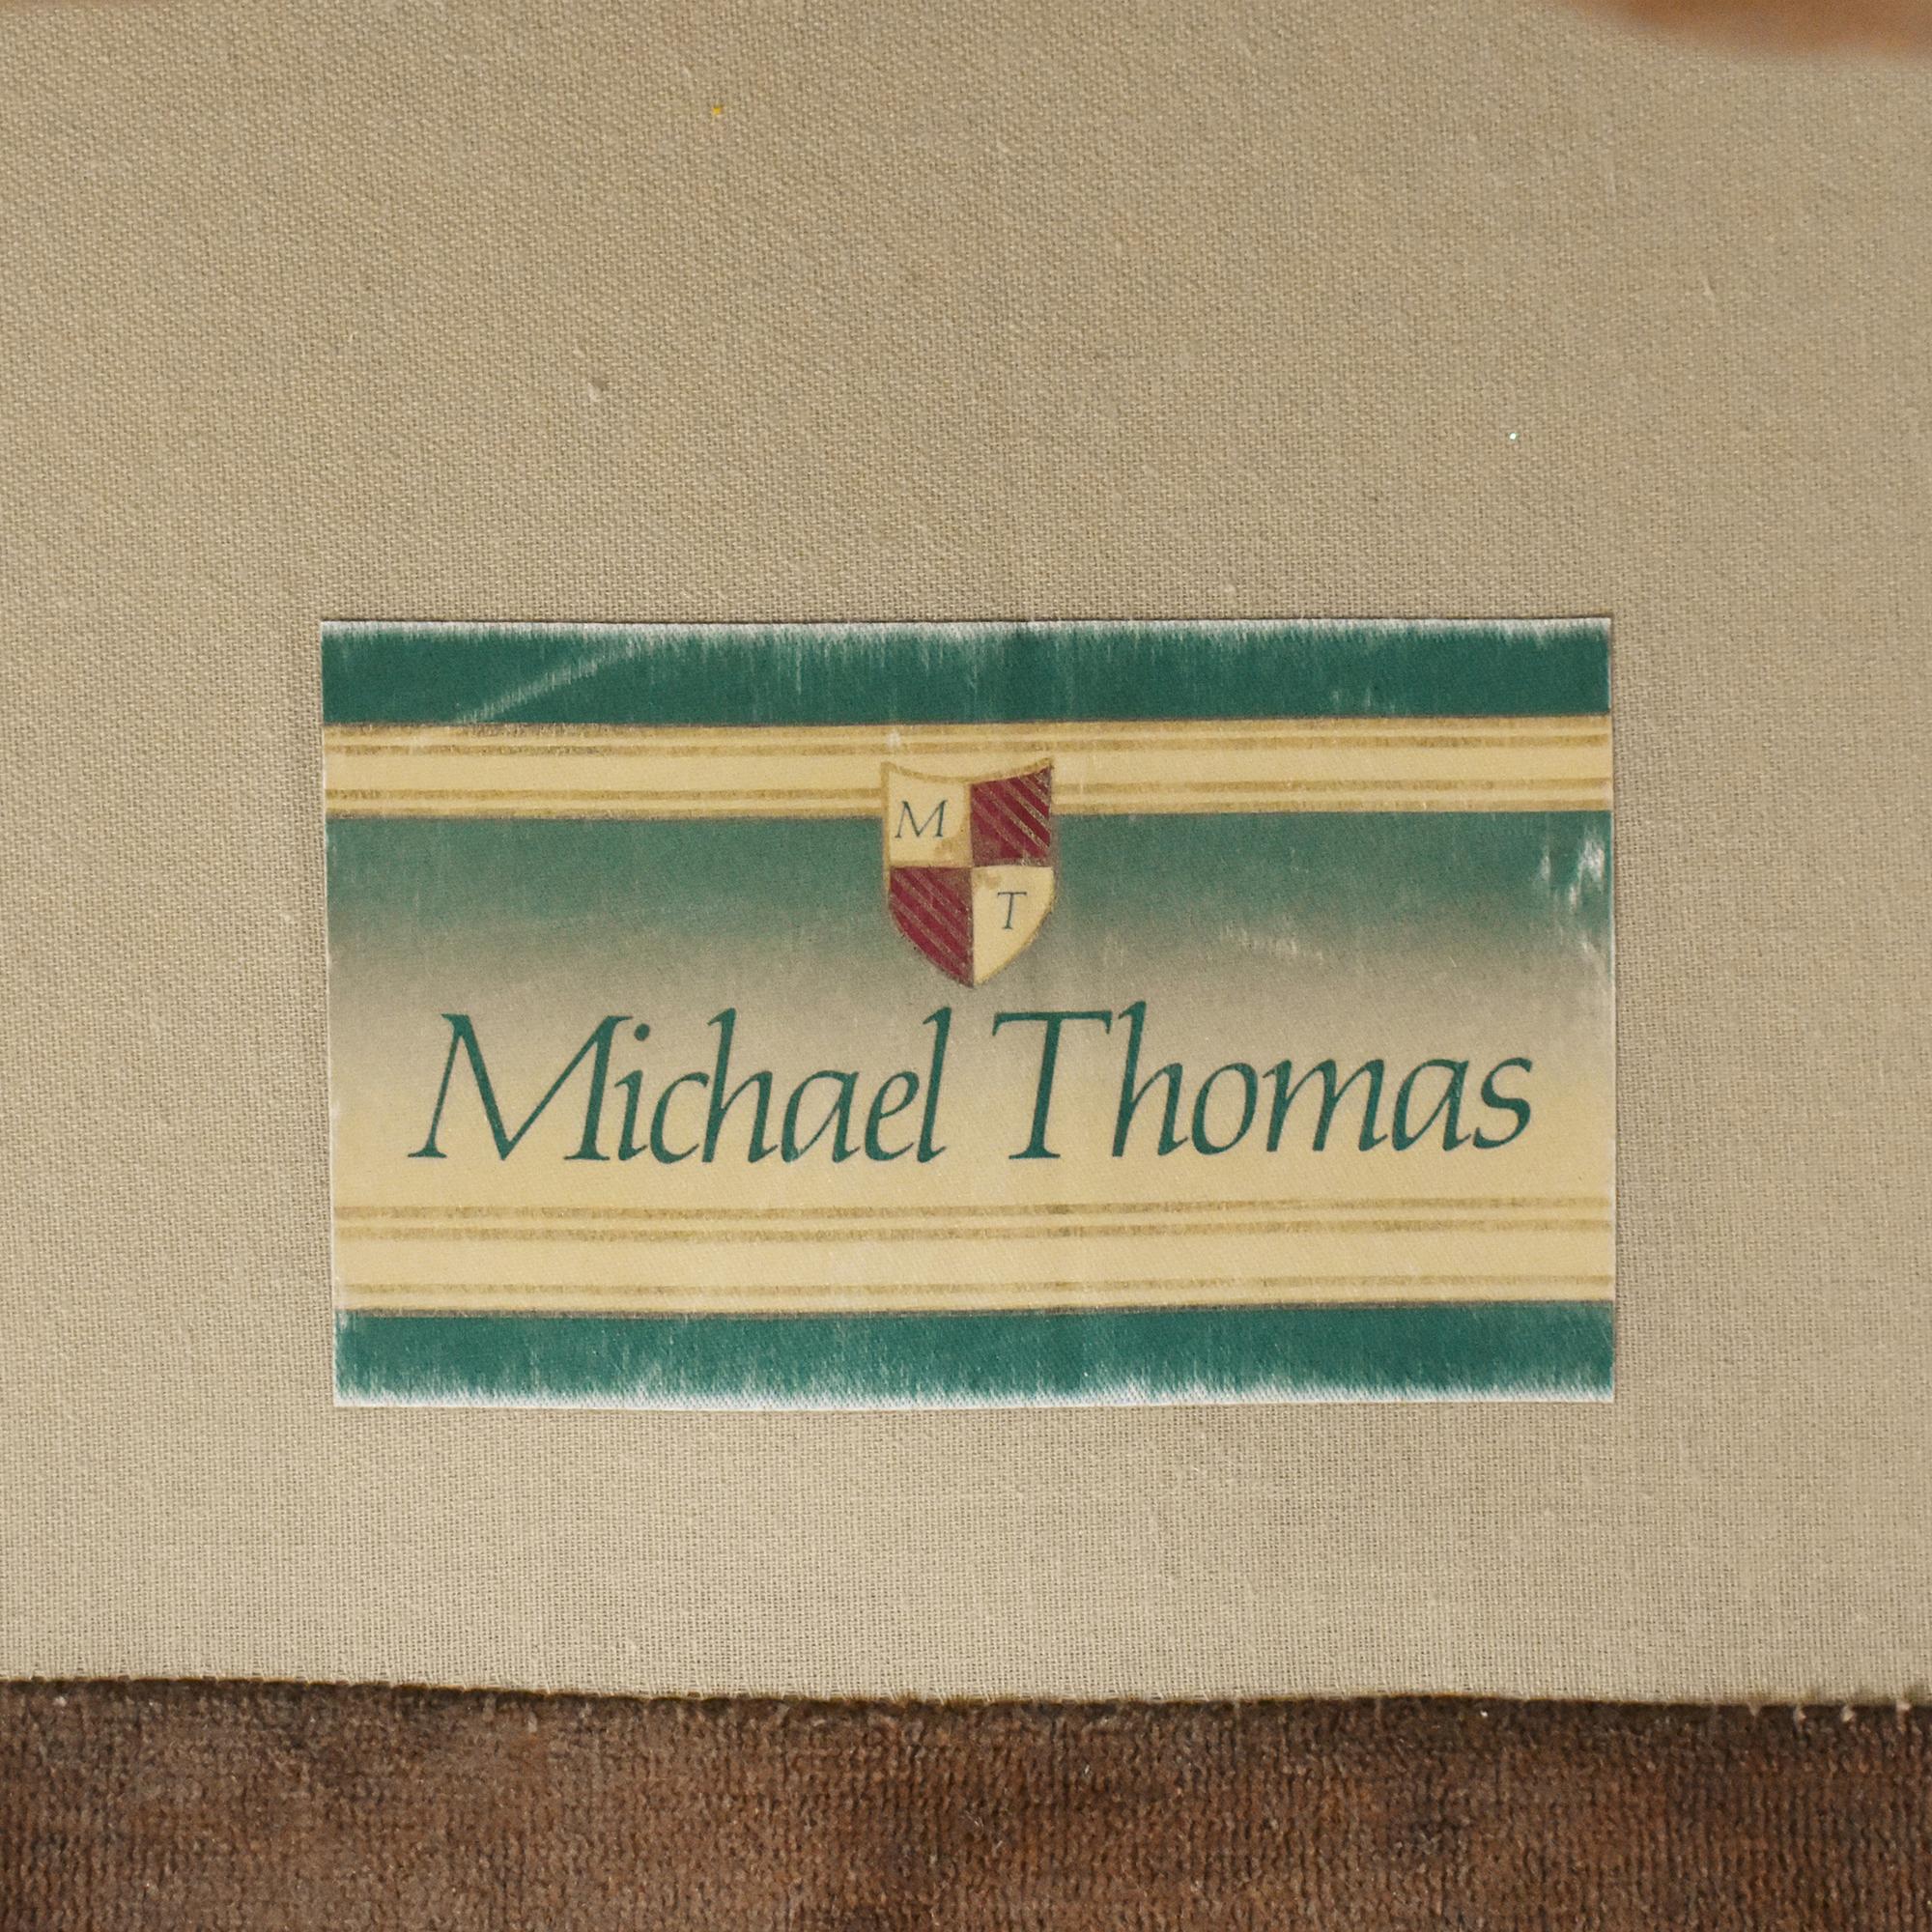 Michael Thomas Michael Thomas Custom Club Chair dimensions